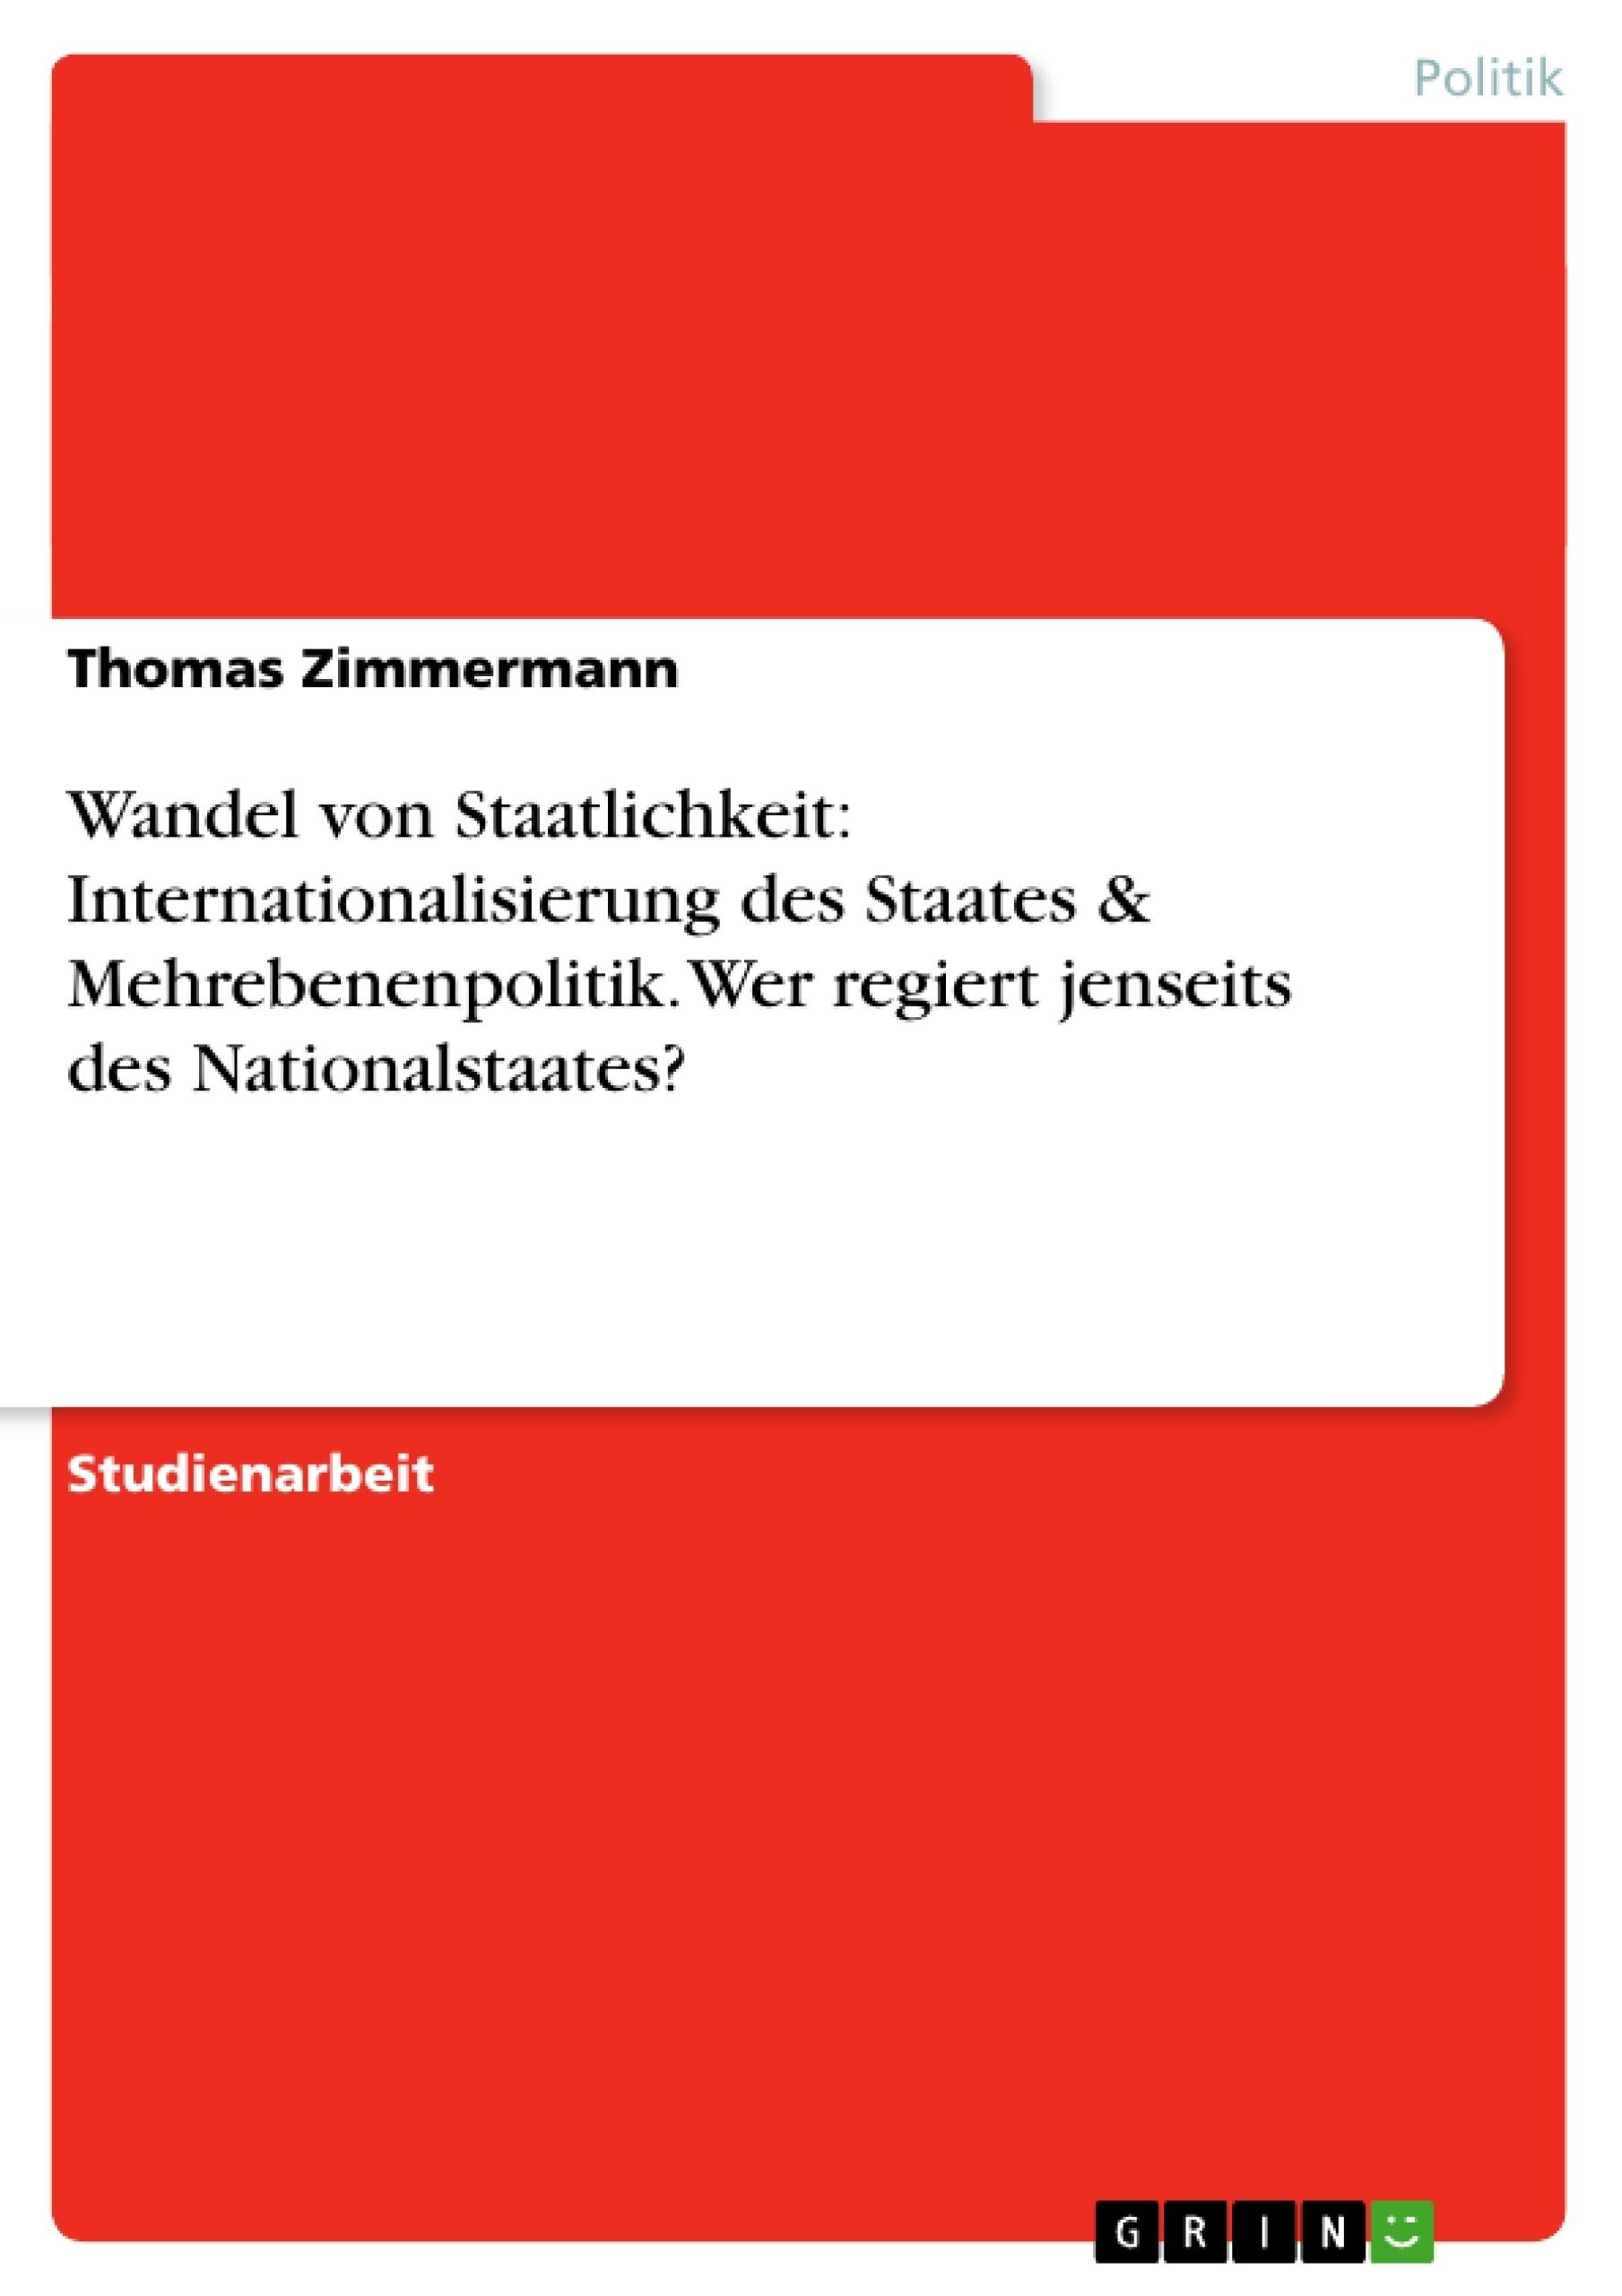 Titel: Wandel von Staatlichkeit: Internationalisierung des Staates & Mehrebenenpolitik. Wer regiert jenseits des Nationalstaates?